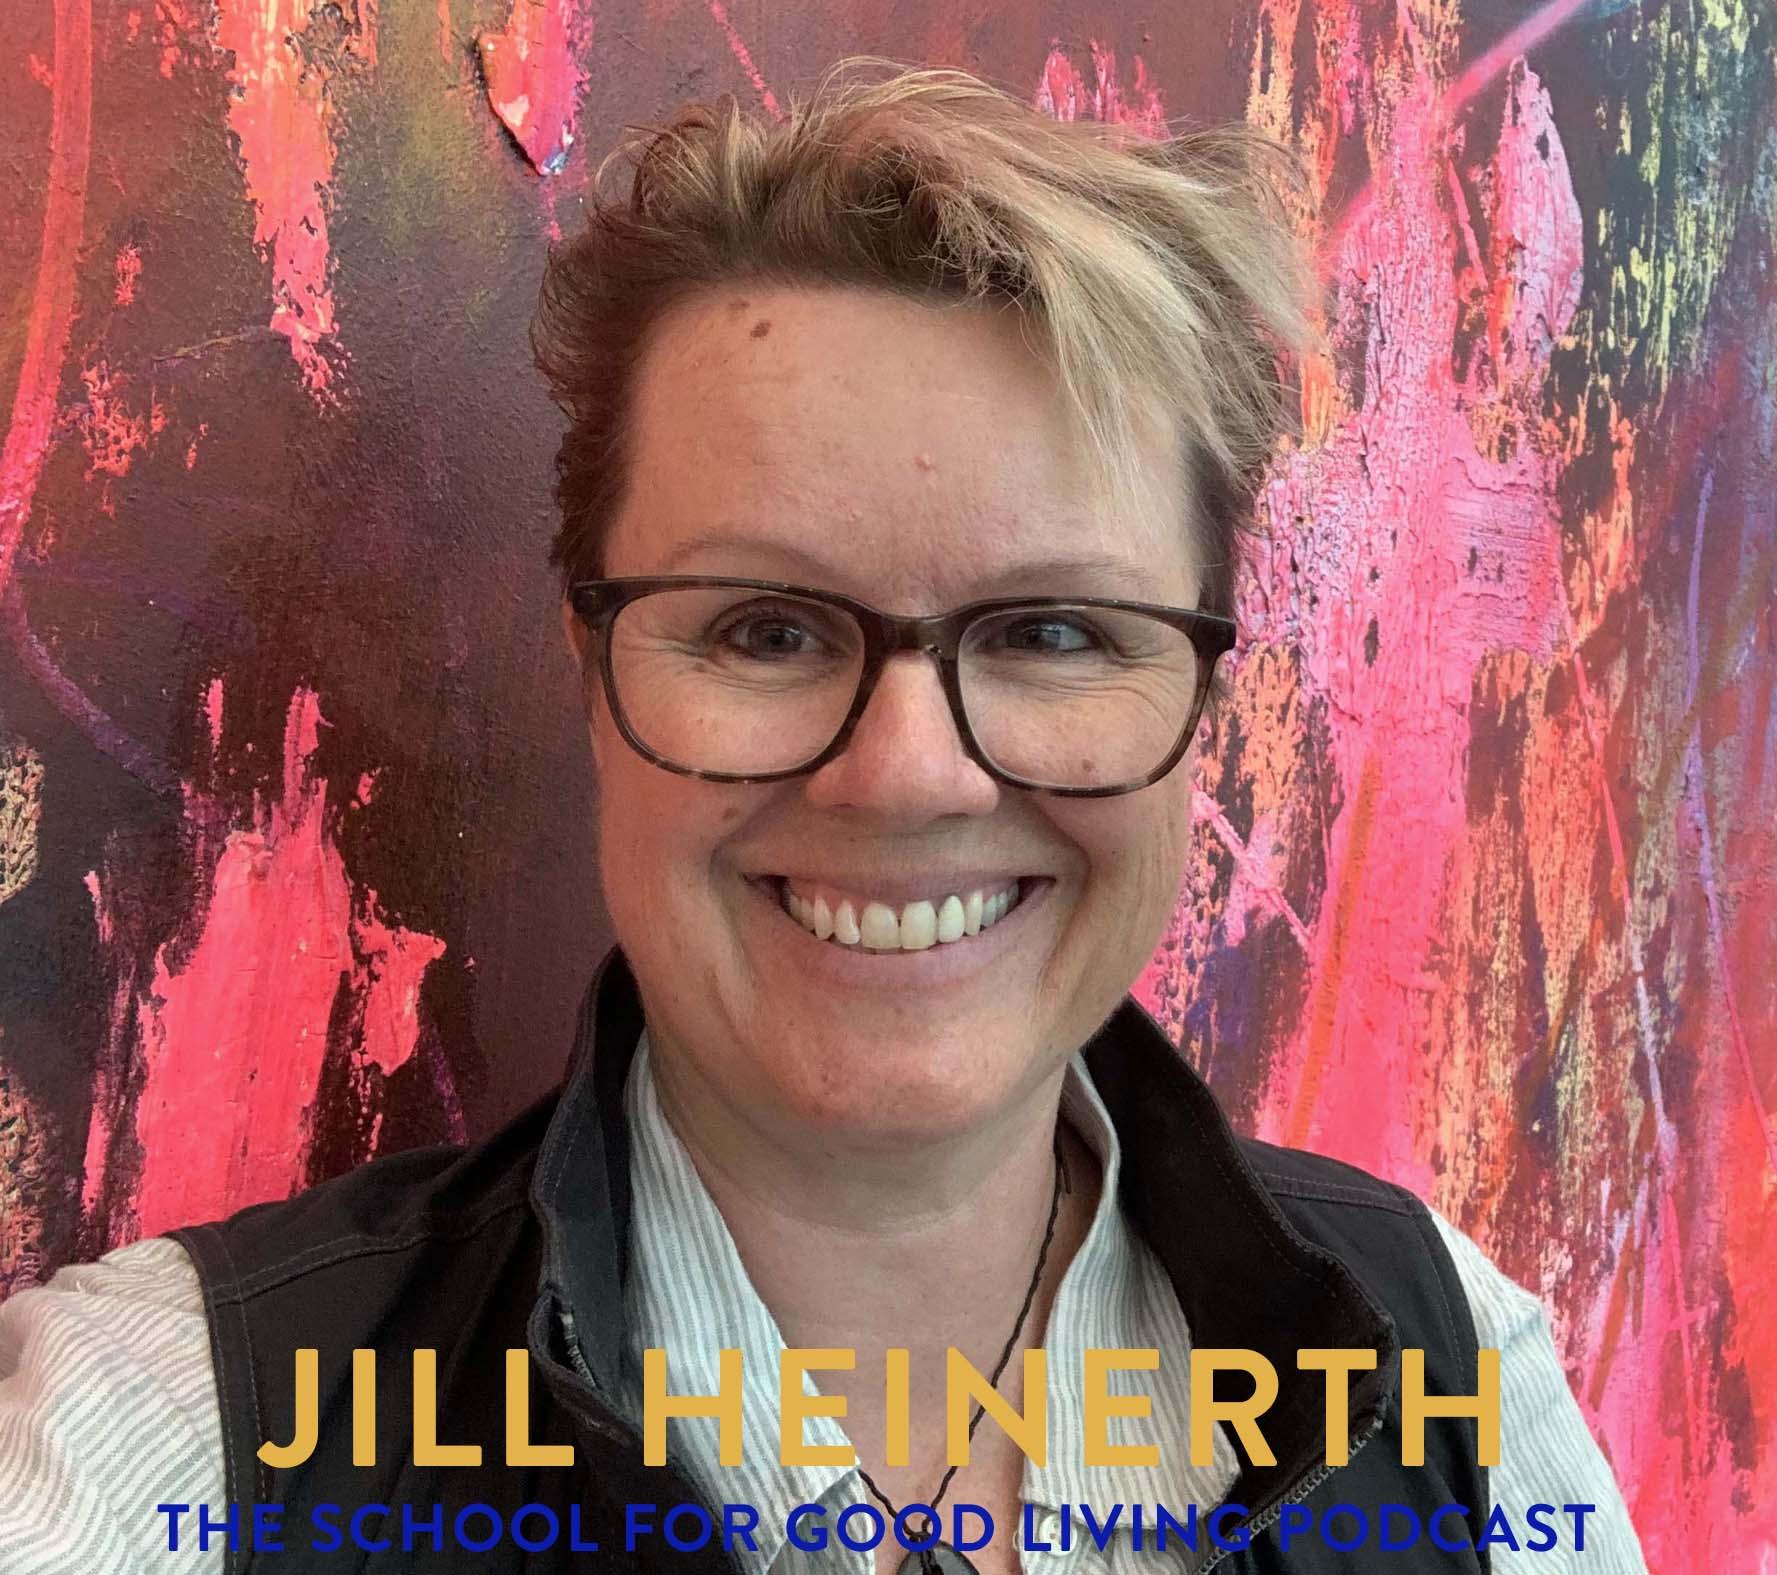 097 JillHeinerth Insta Art